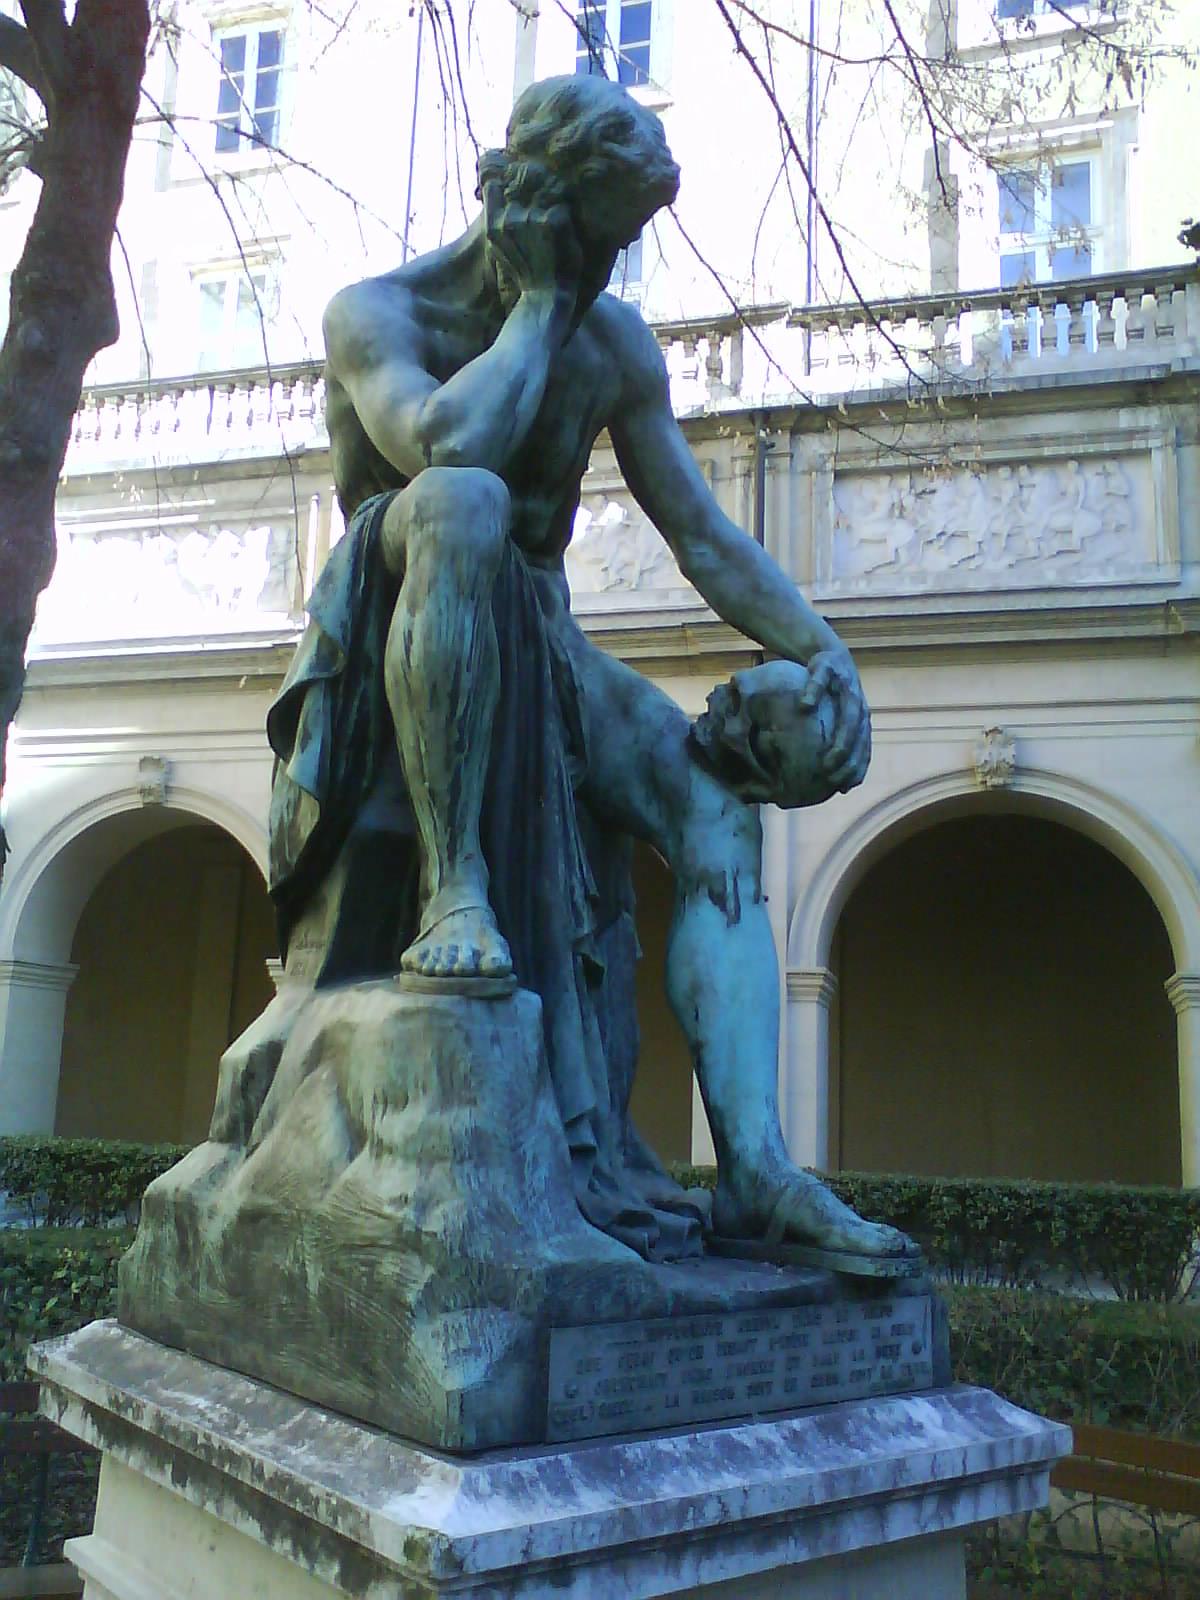 18-01-18 BLOG Democritus_statue